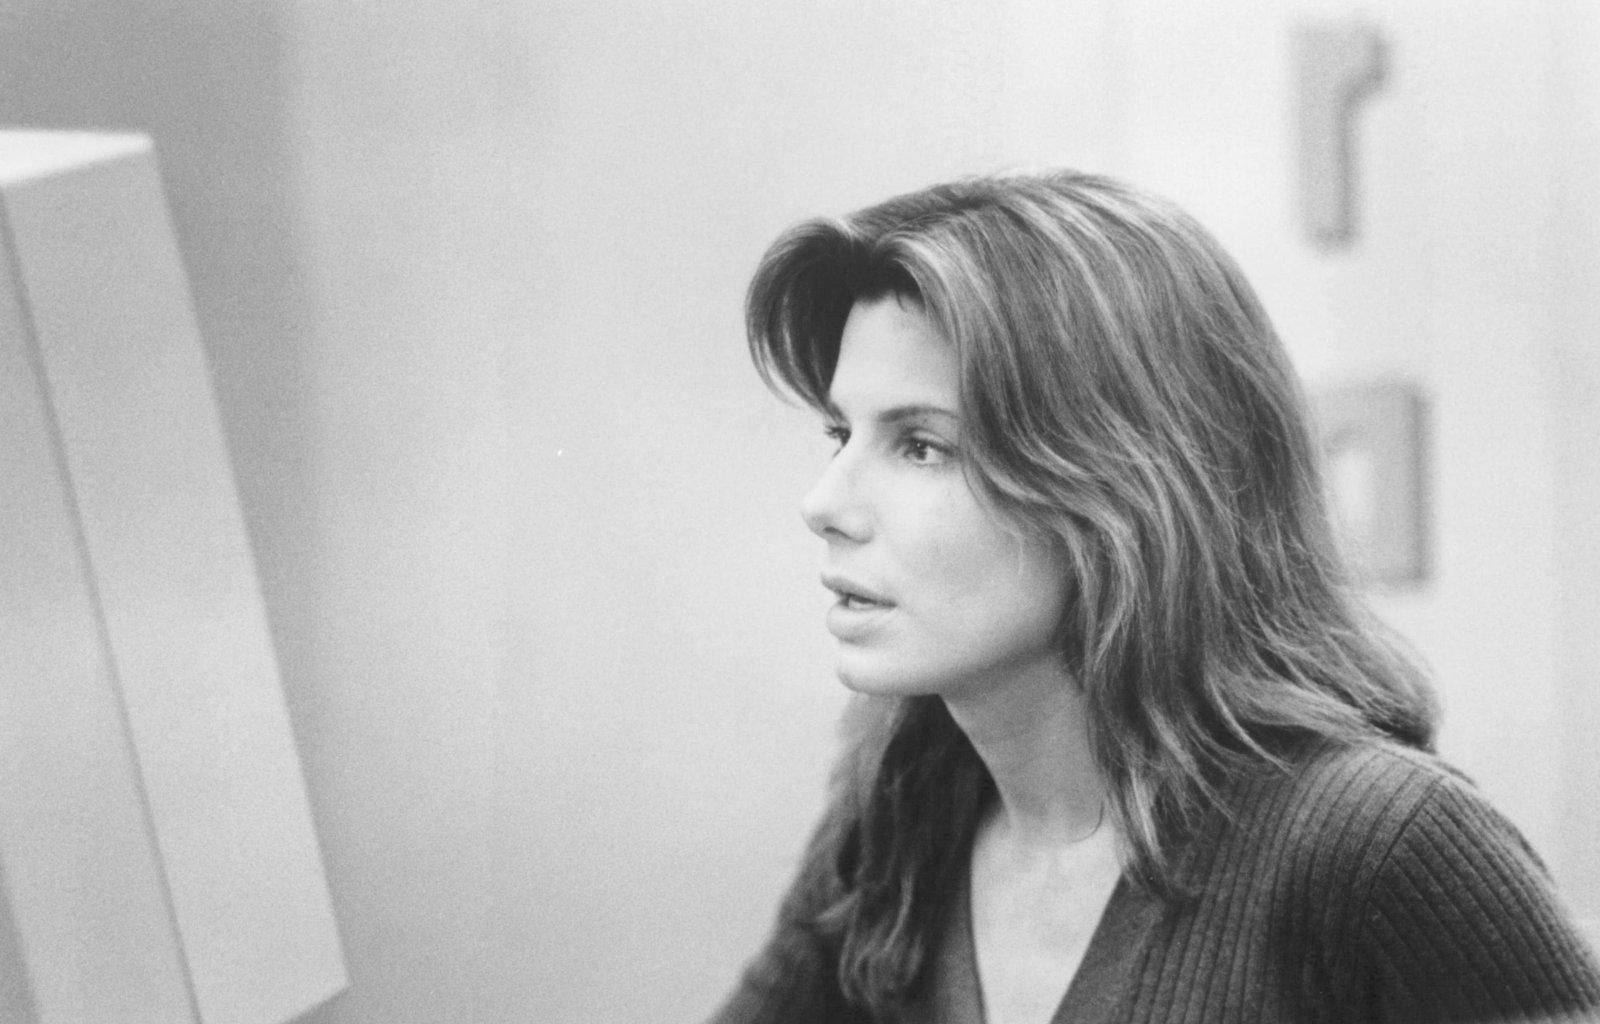 Filmy Z Sandrą Bullock